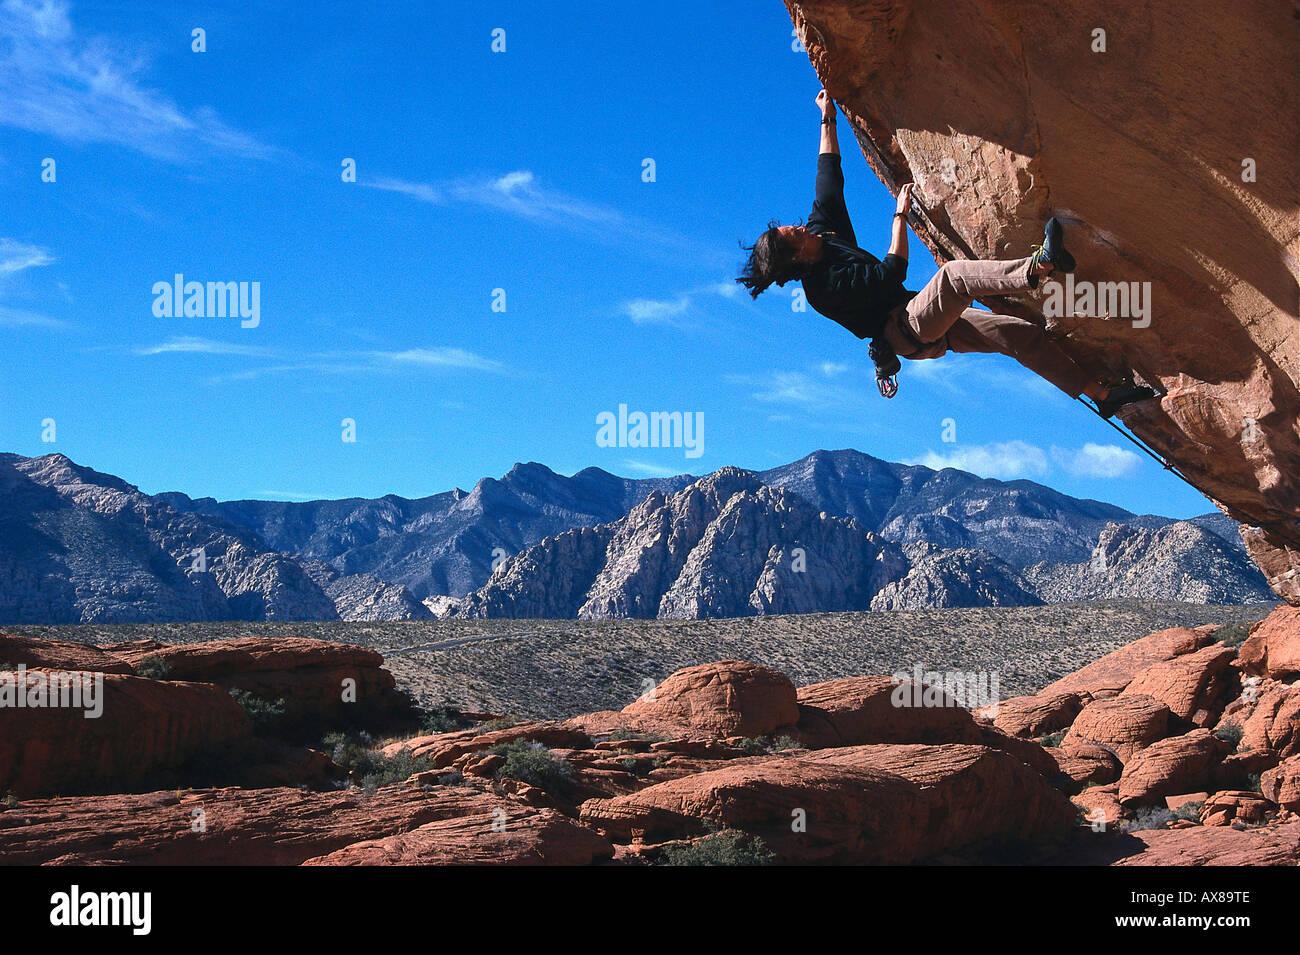 Kletterausrüstung In Der Nähe : Mann klettern freeclimbing bei red rocks in der nähe von las vegas